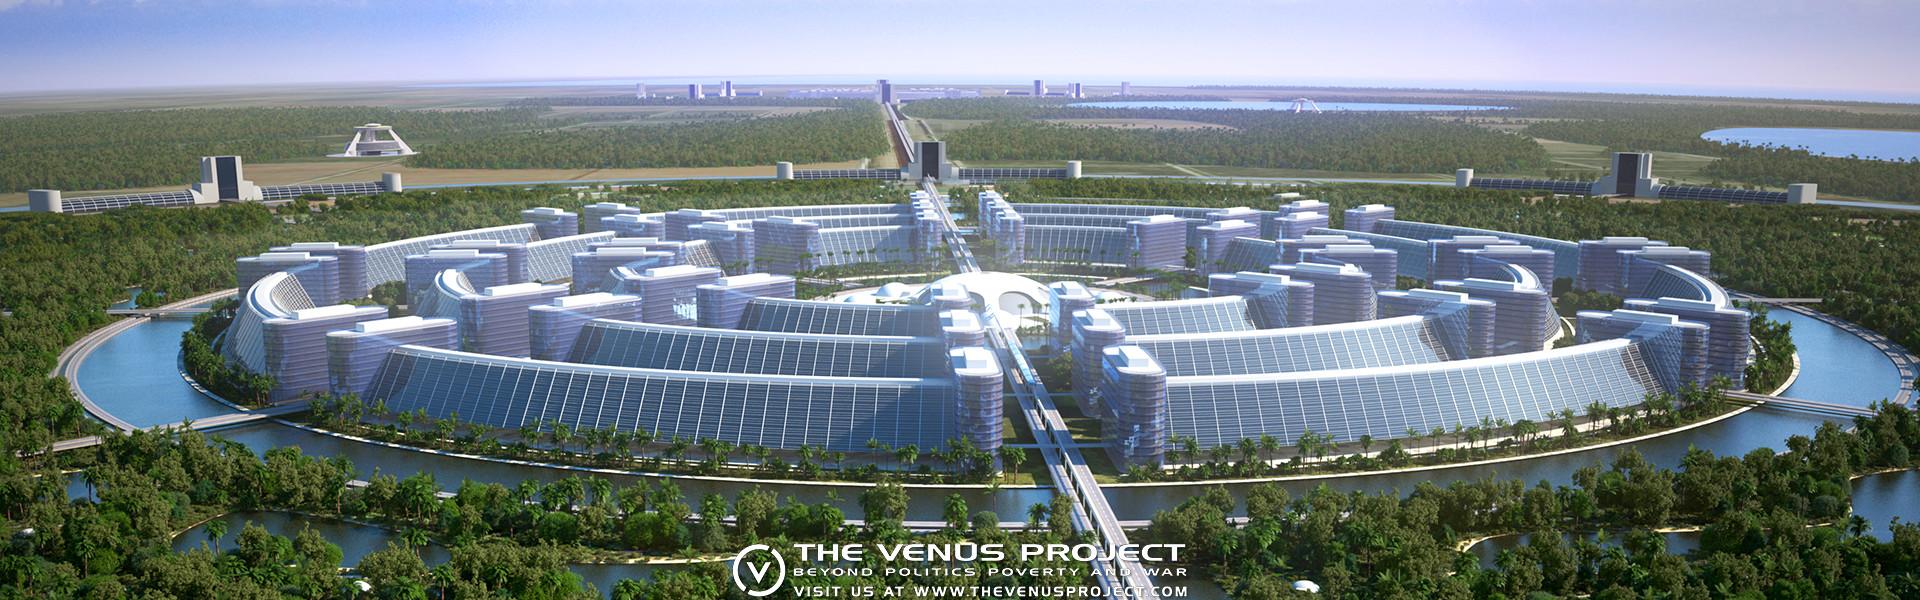 The Venus Project Concept City